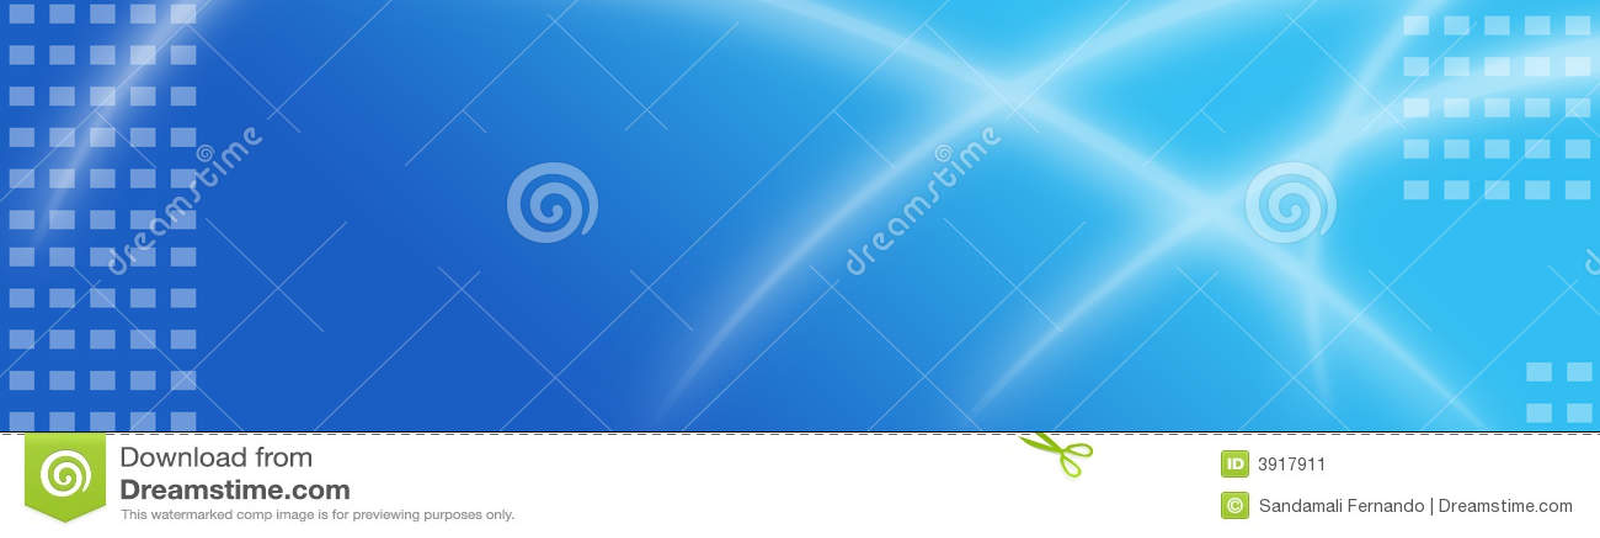 Cabecera/bandera abstractas del Web